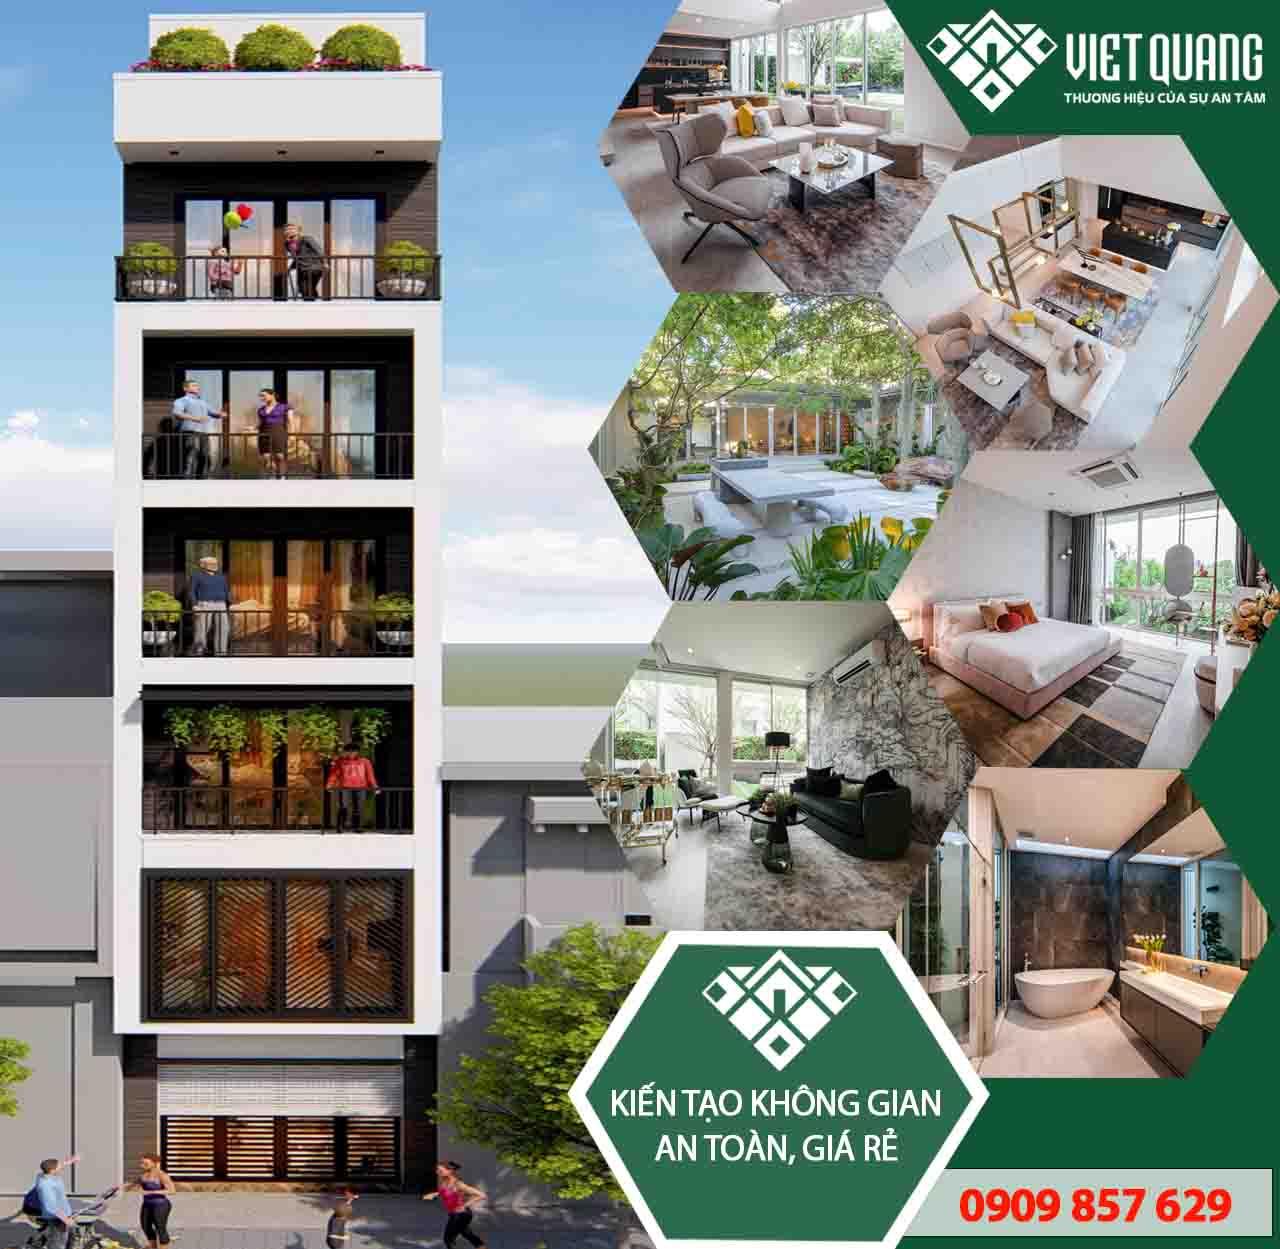 Mẫu thiết kế nhà phố 7 tầng khiến nhiều người mơ ước